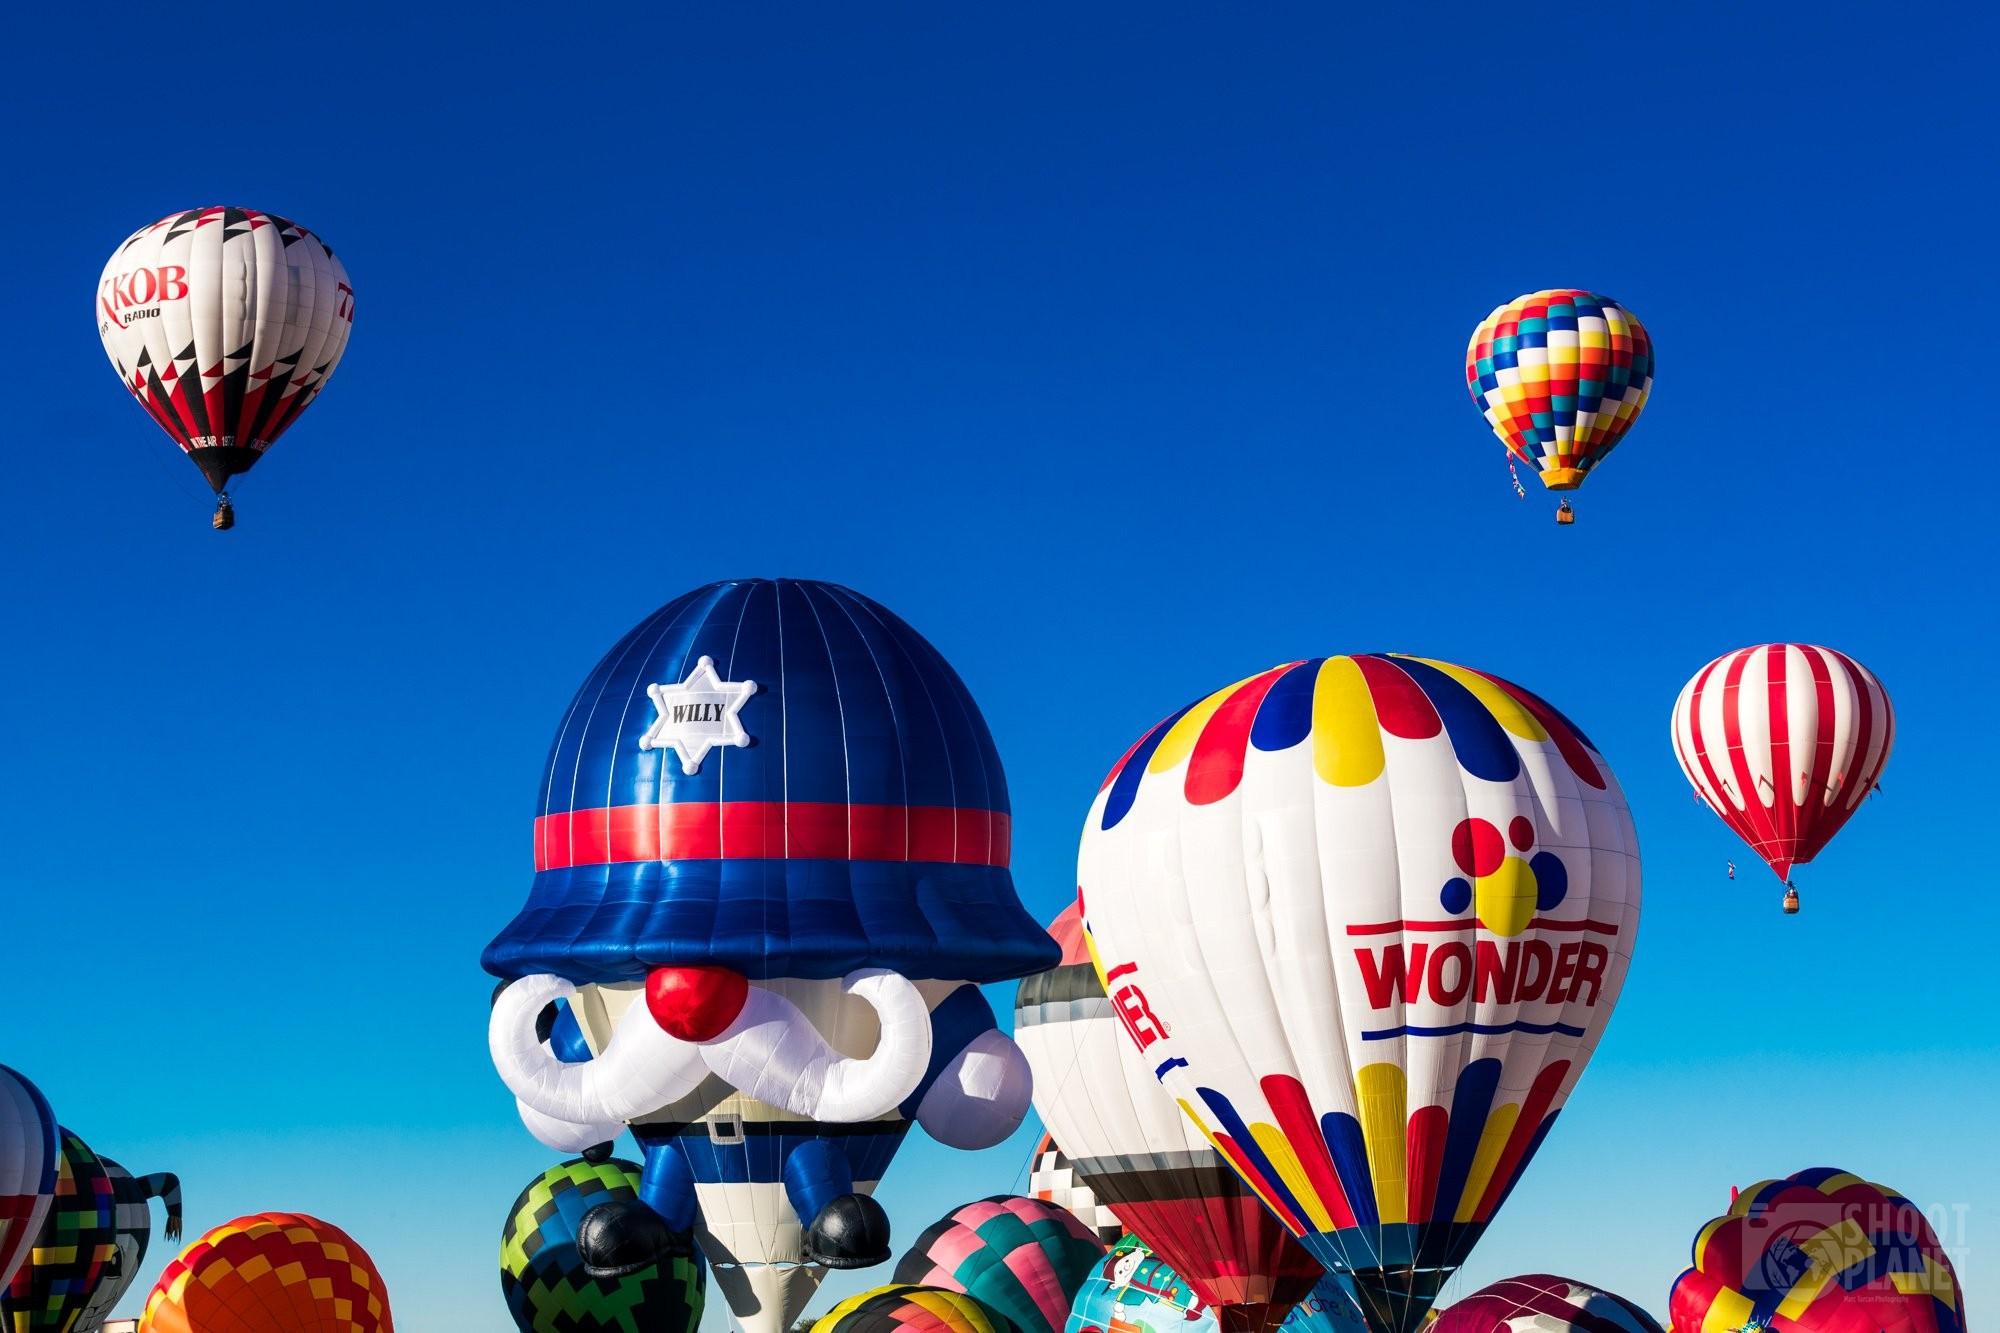 Balloons mass ascension in Albuquerque USA